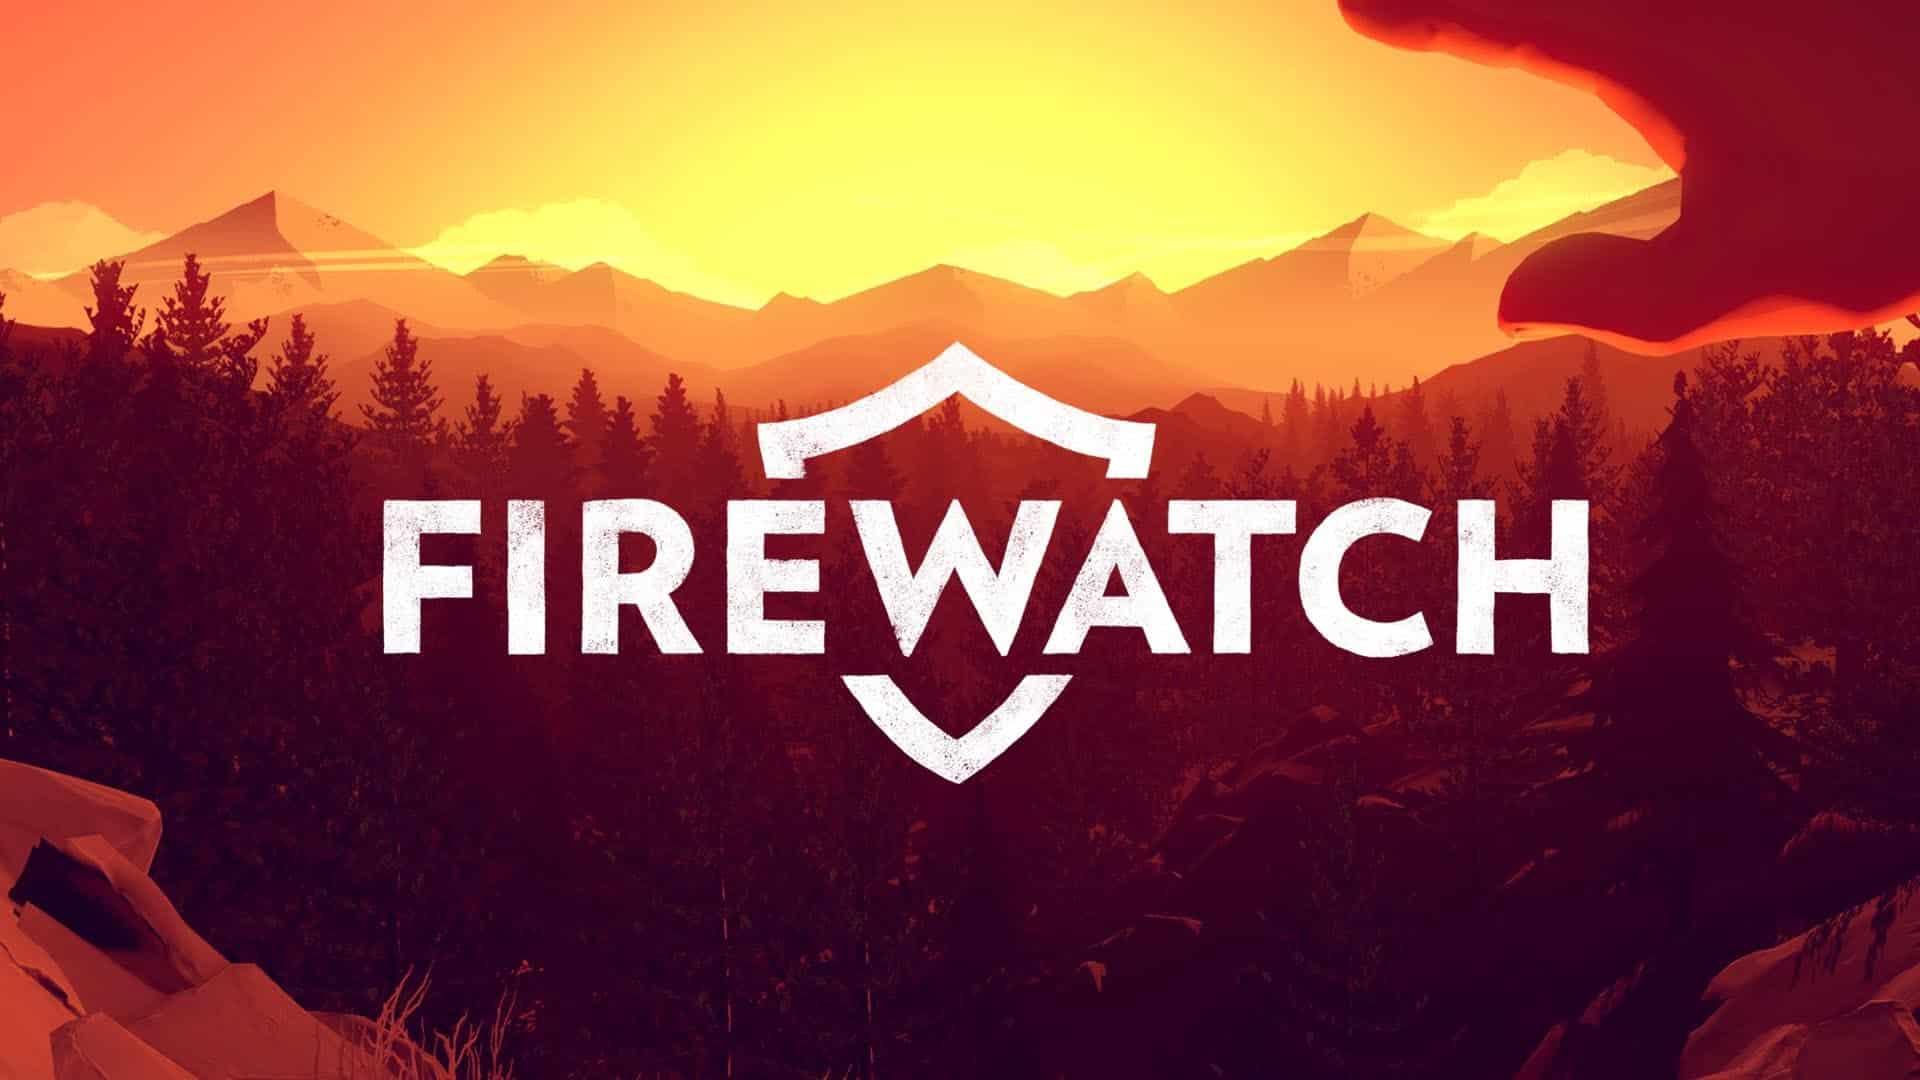 Firewatch telecharger gratuit de PC et Torrent